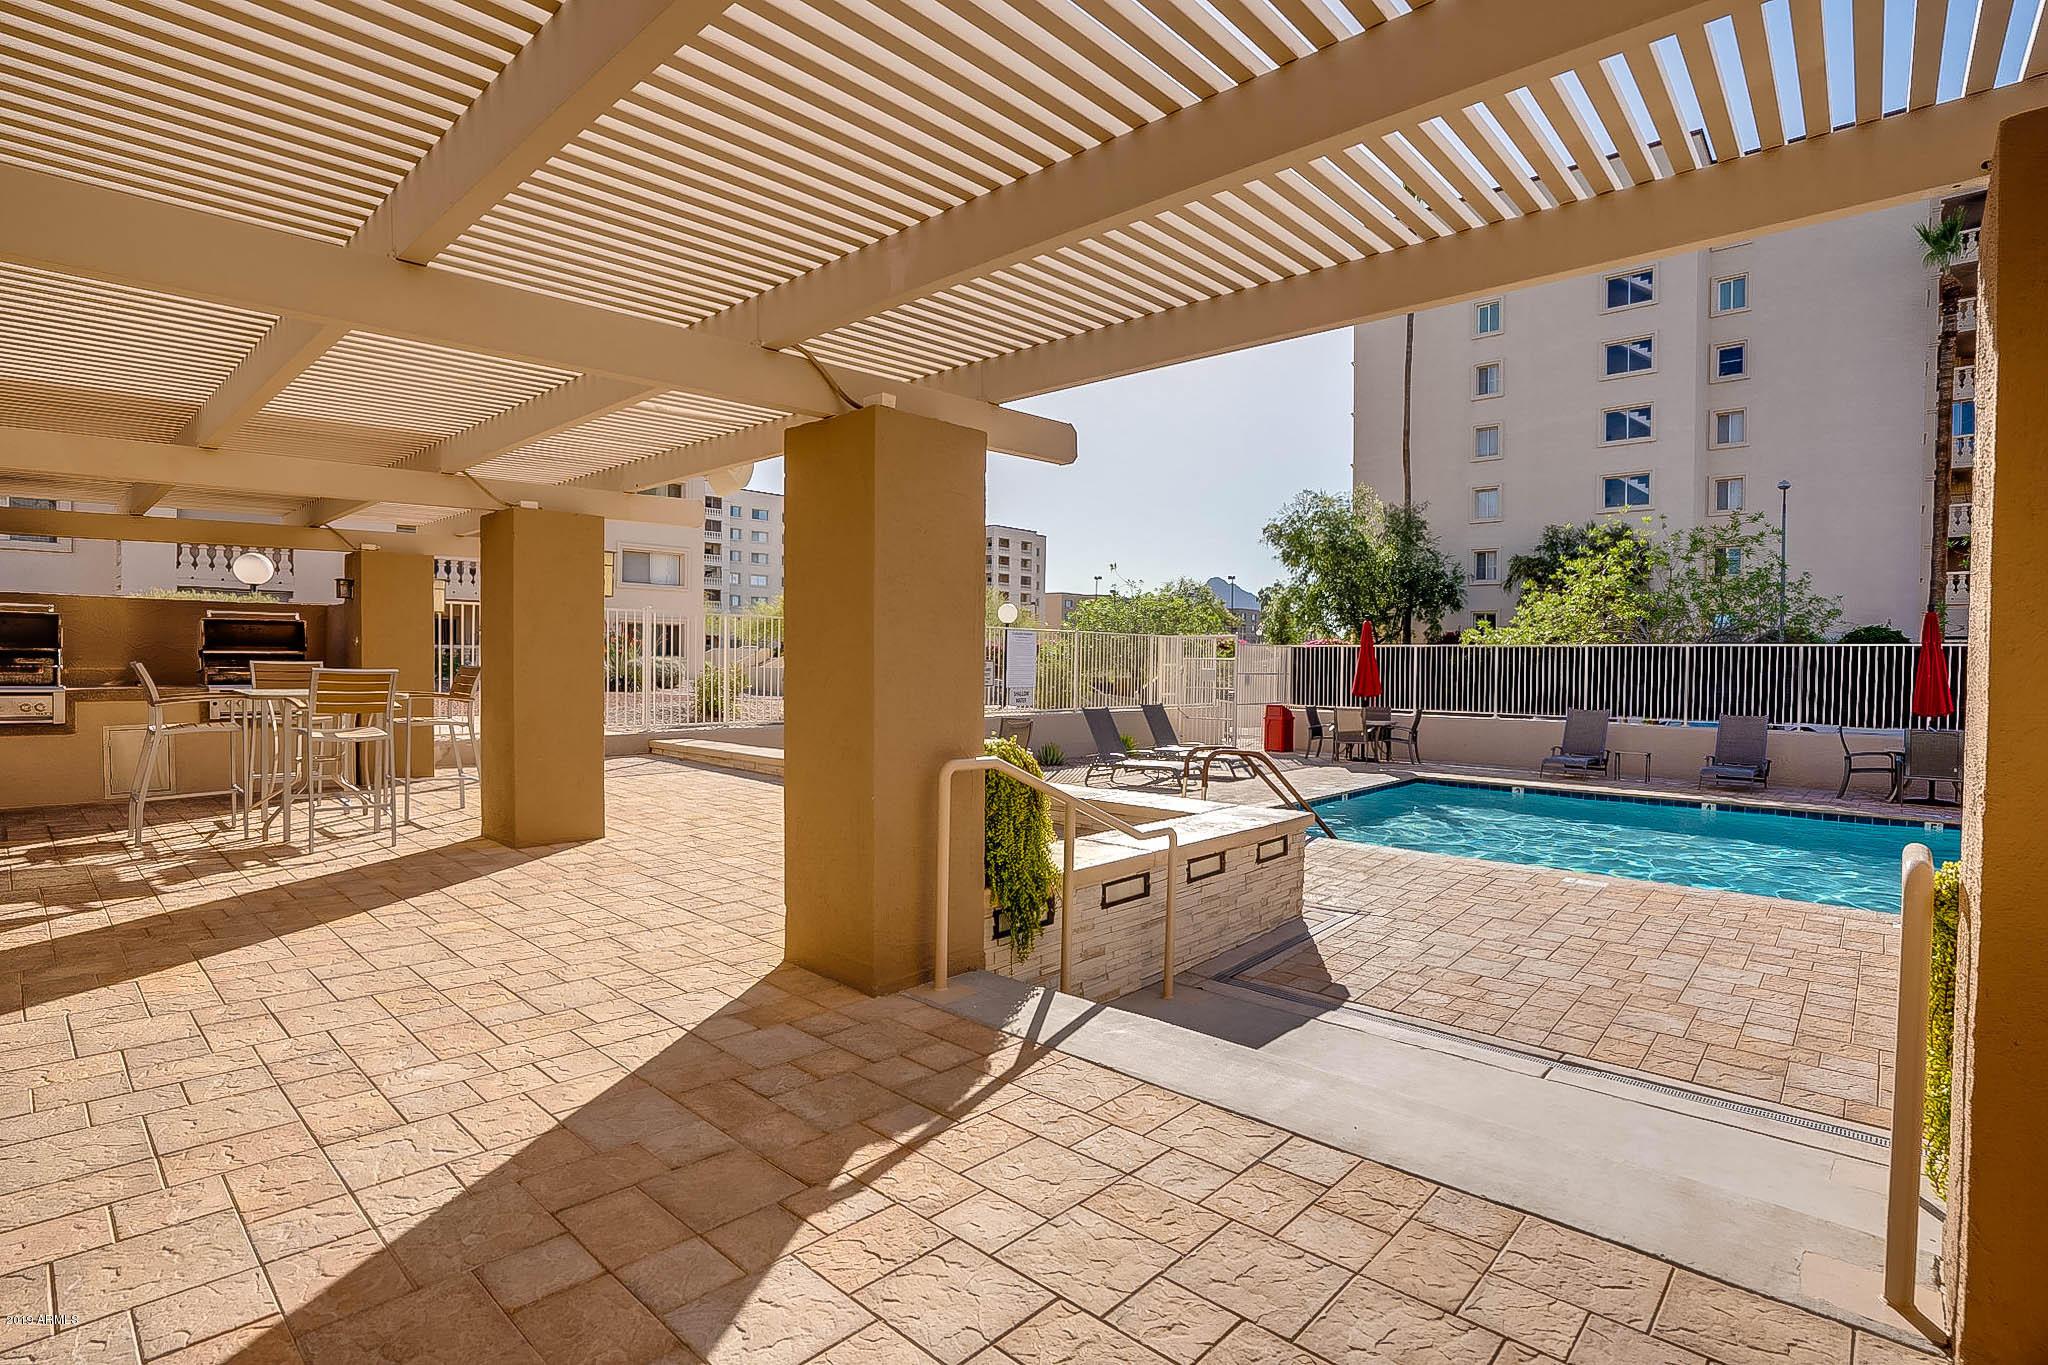 MLS 5941936 7940 E CAMELBACK Road Unit 409 Building 26, Scottsdale, AZ 85251 Scottsdale AZ Scottsdale Shadows